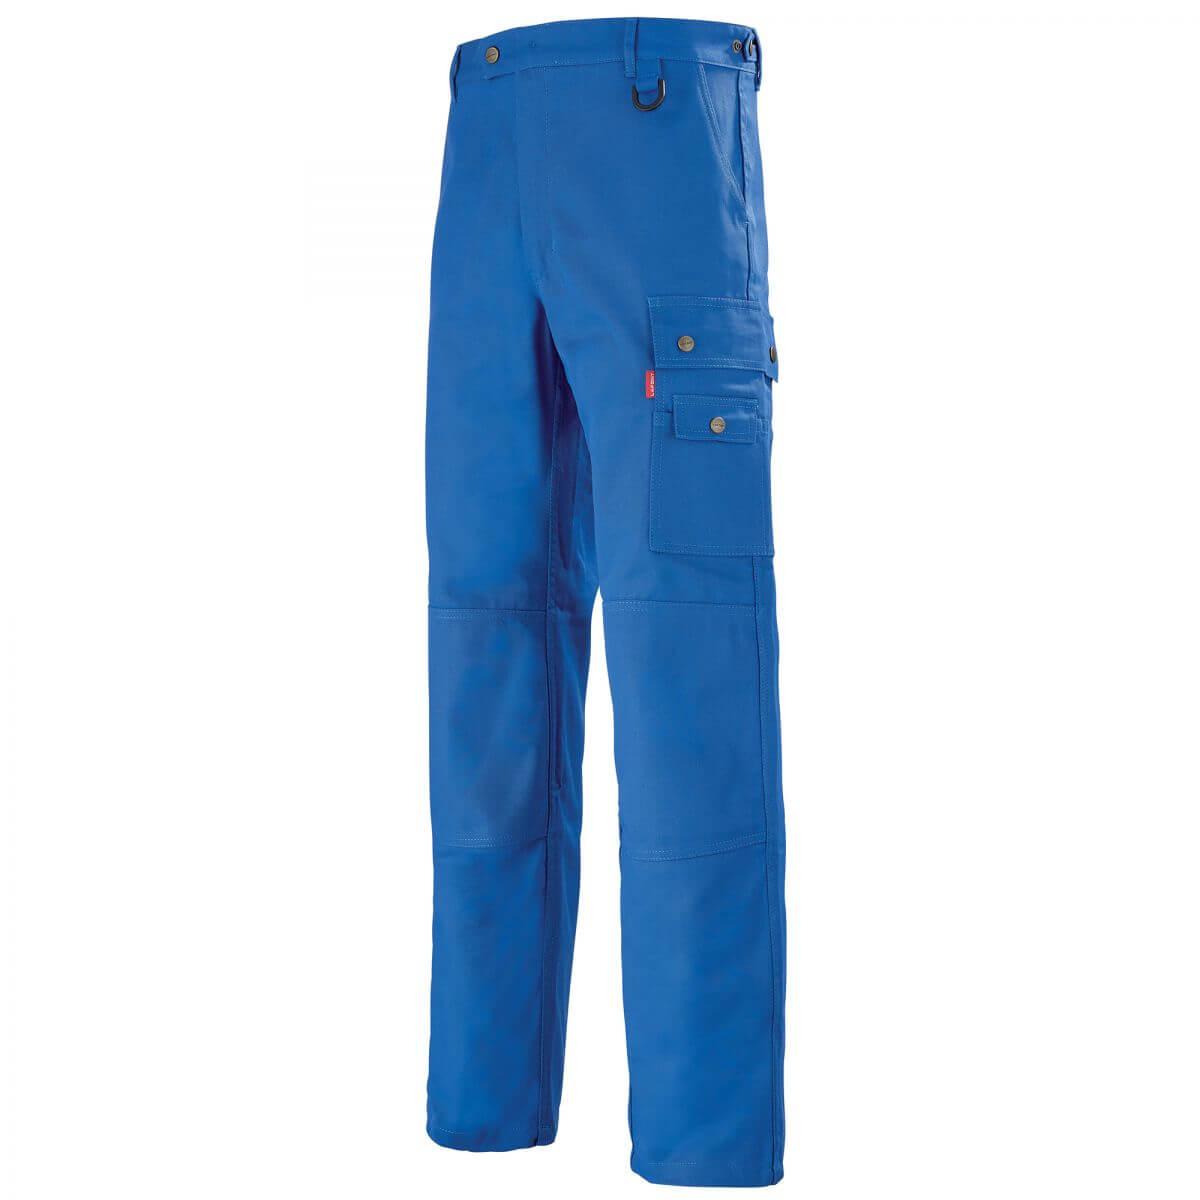 pantalon homme bleu de travail avec ceinture reglagble a lafont pantalons de travail. Black Bedroom Furniture Sets. Home Design Ideas